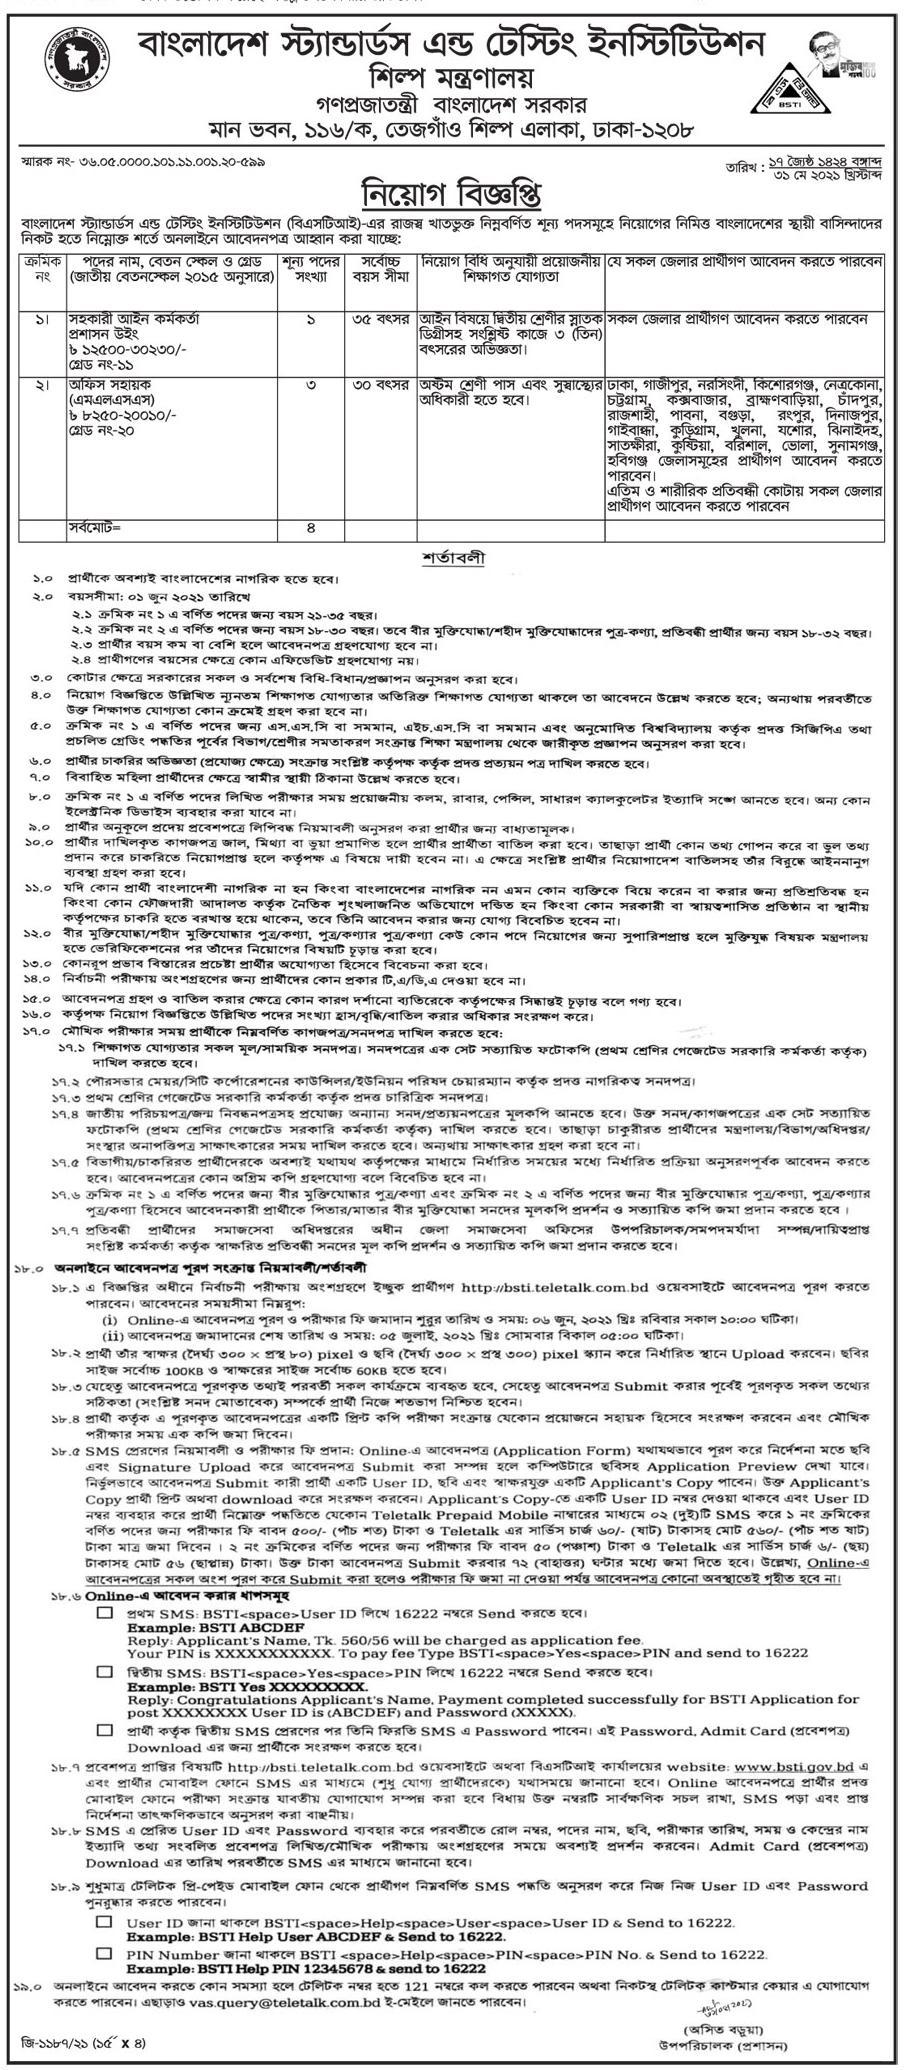 বাংলাদেশ স্ট্যান্ডার্ডস এন্ড টেস্টিং ইন্সটিটিউশন চাকরির খবর ২০২১ - বিএসটিআই নিয়োগ ২০২১- Bangladesh Standards and Testing Institution Job Circular 2021 - BSTI Jobs Circular 2021